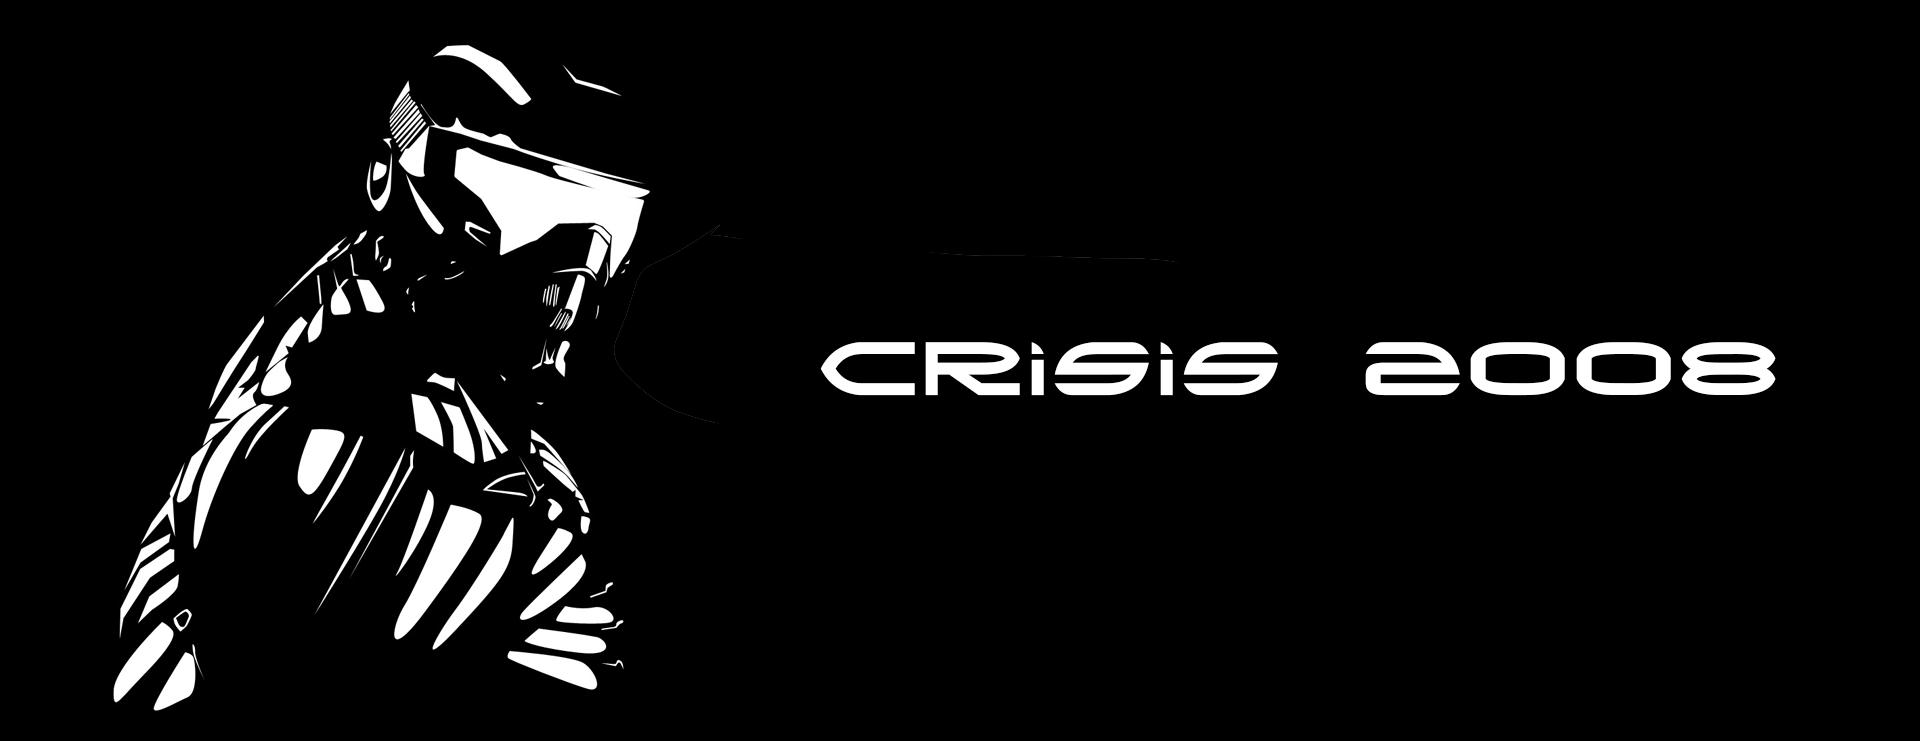 Финансовый кризис 2008 года: причины и следствия - 1